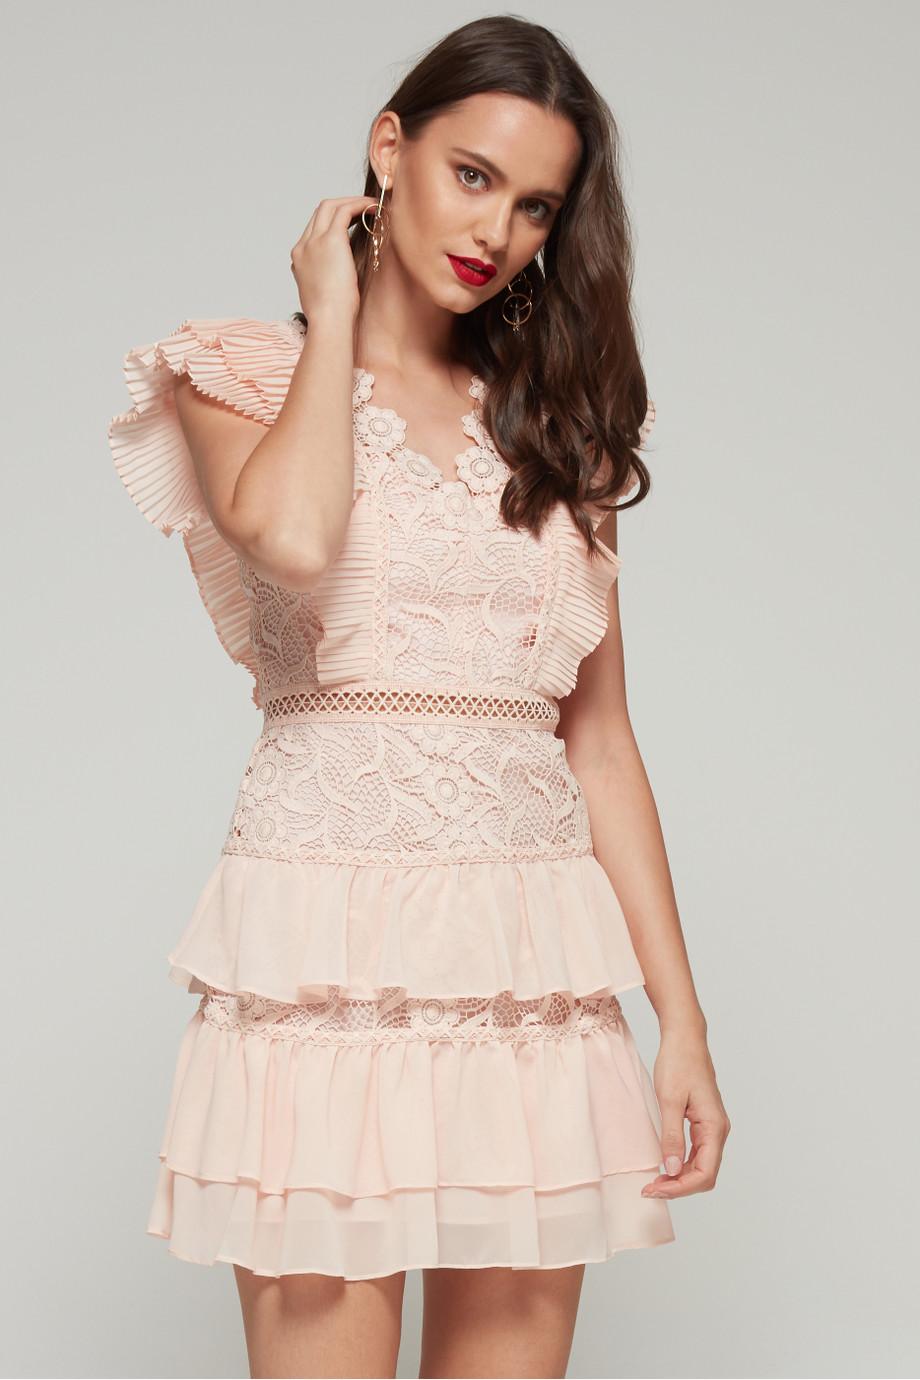 تصميم أنيق للغاية لفستان من الدانتيل